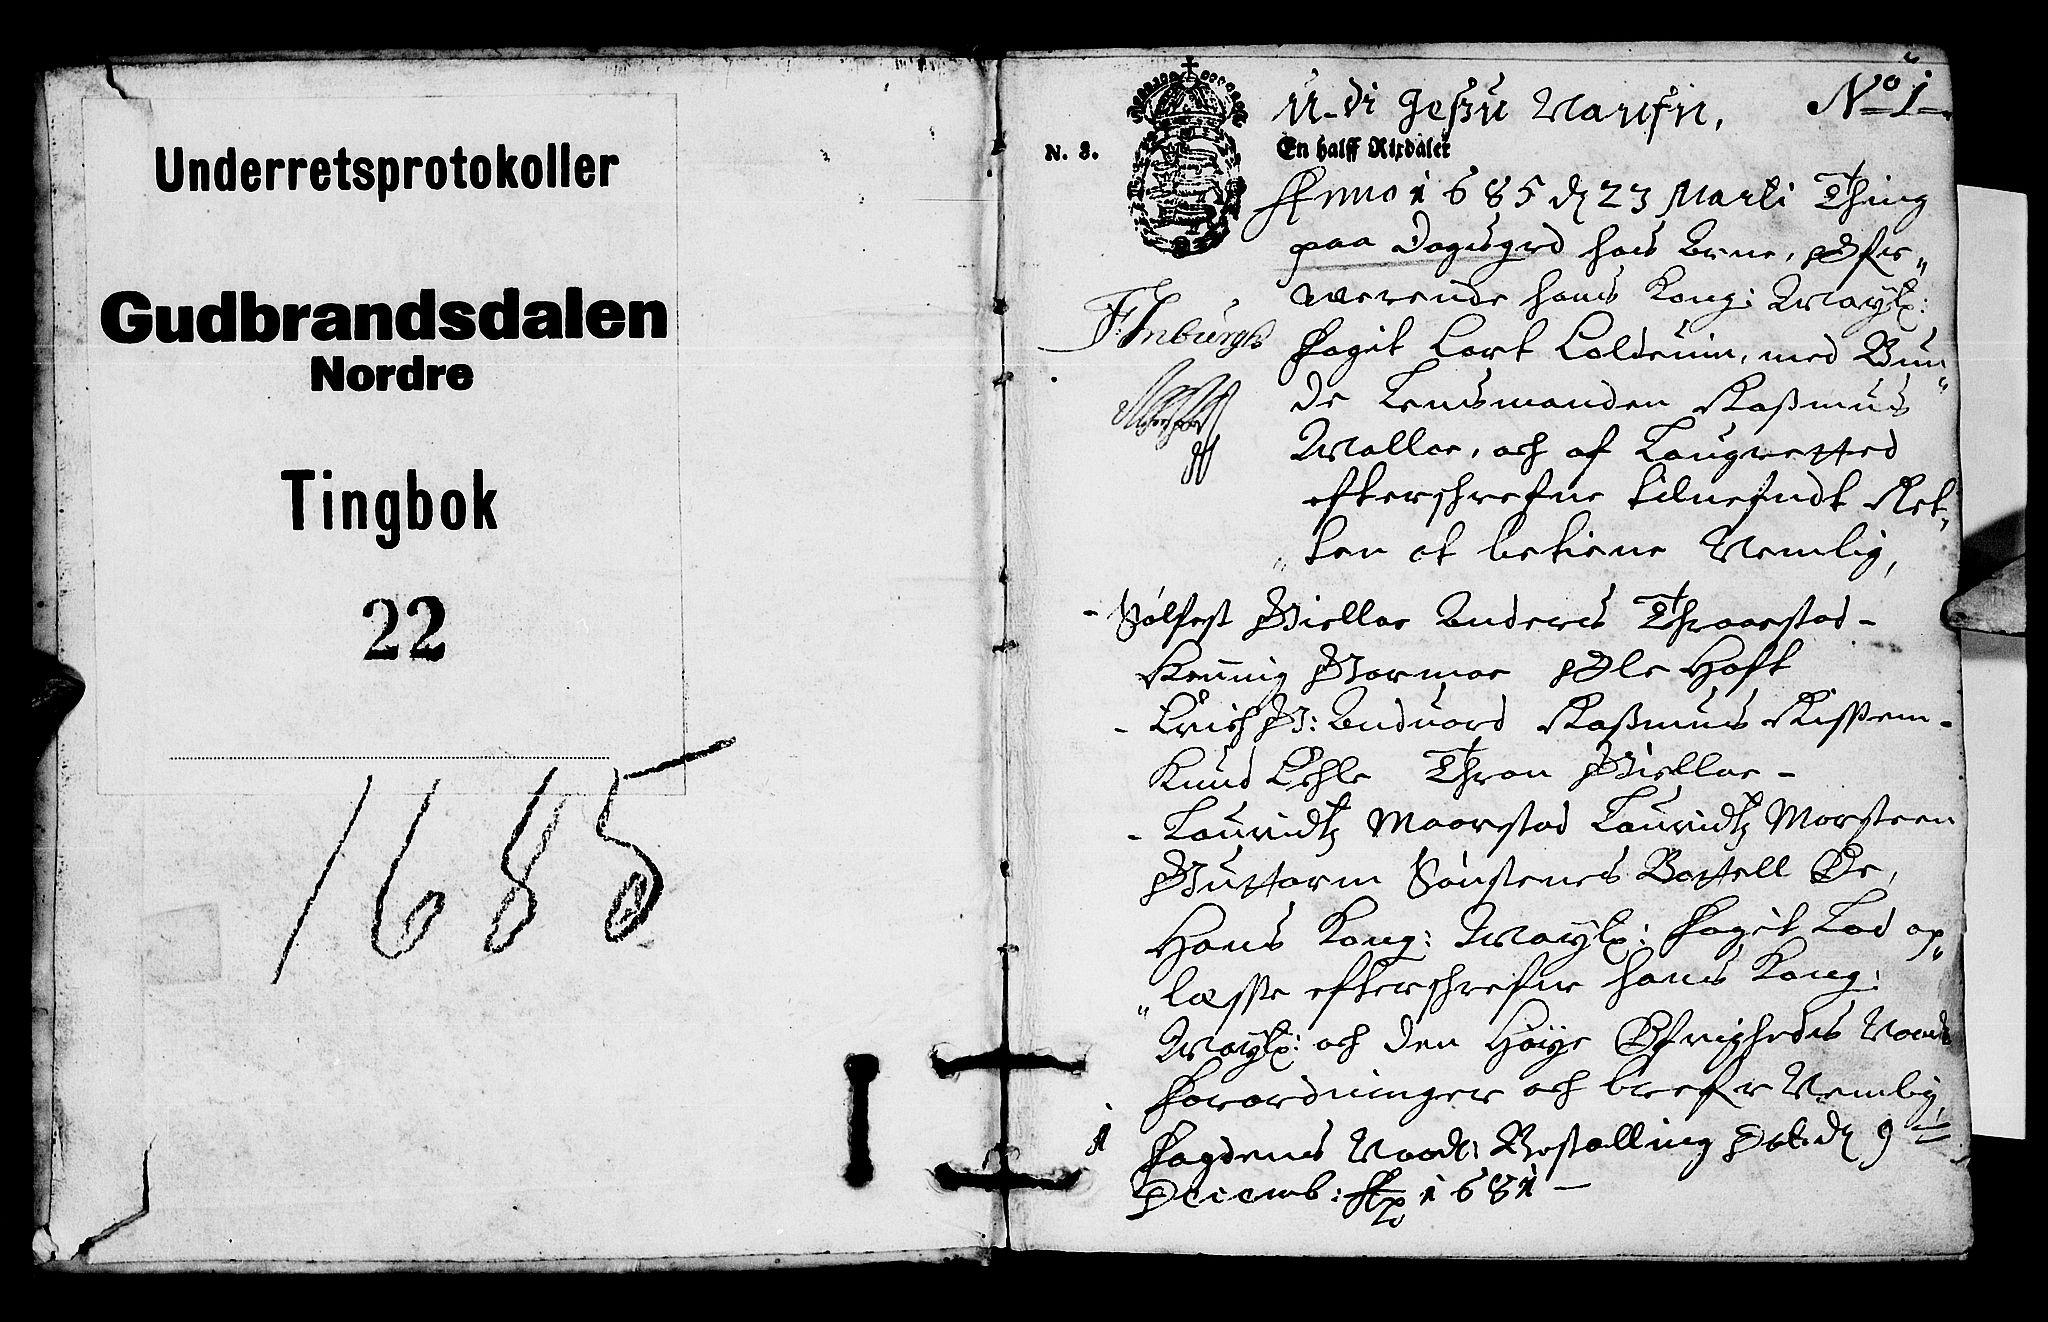 SAH, Sorenskriverier i Gudbrandsdalen, G/Gb/Gba/L0021: Tingbok - Nord-Gudbrandsdal, 1685, s. 0b-1a